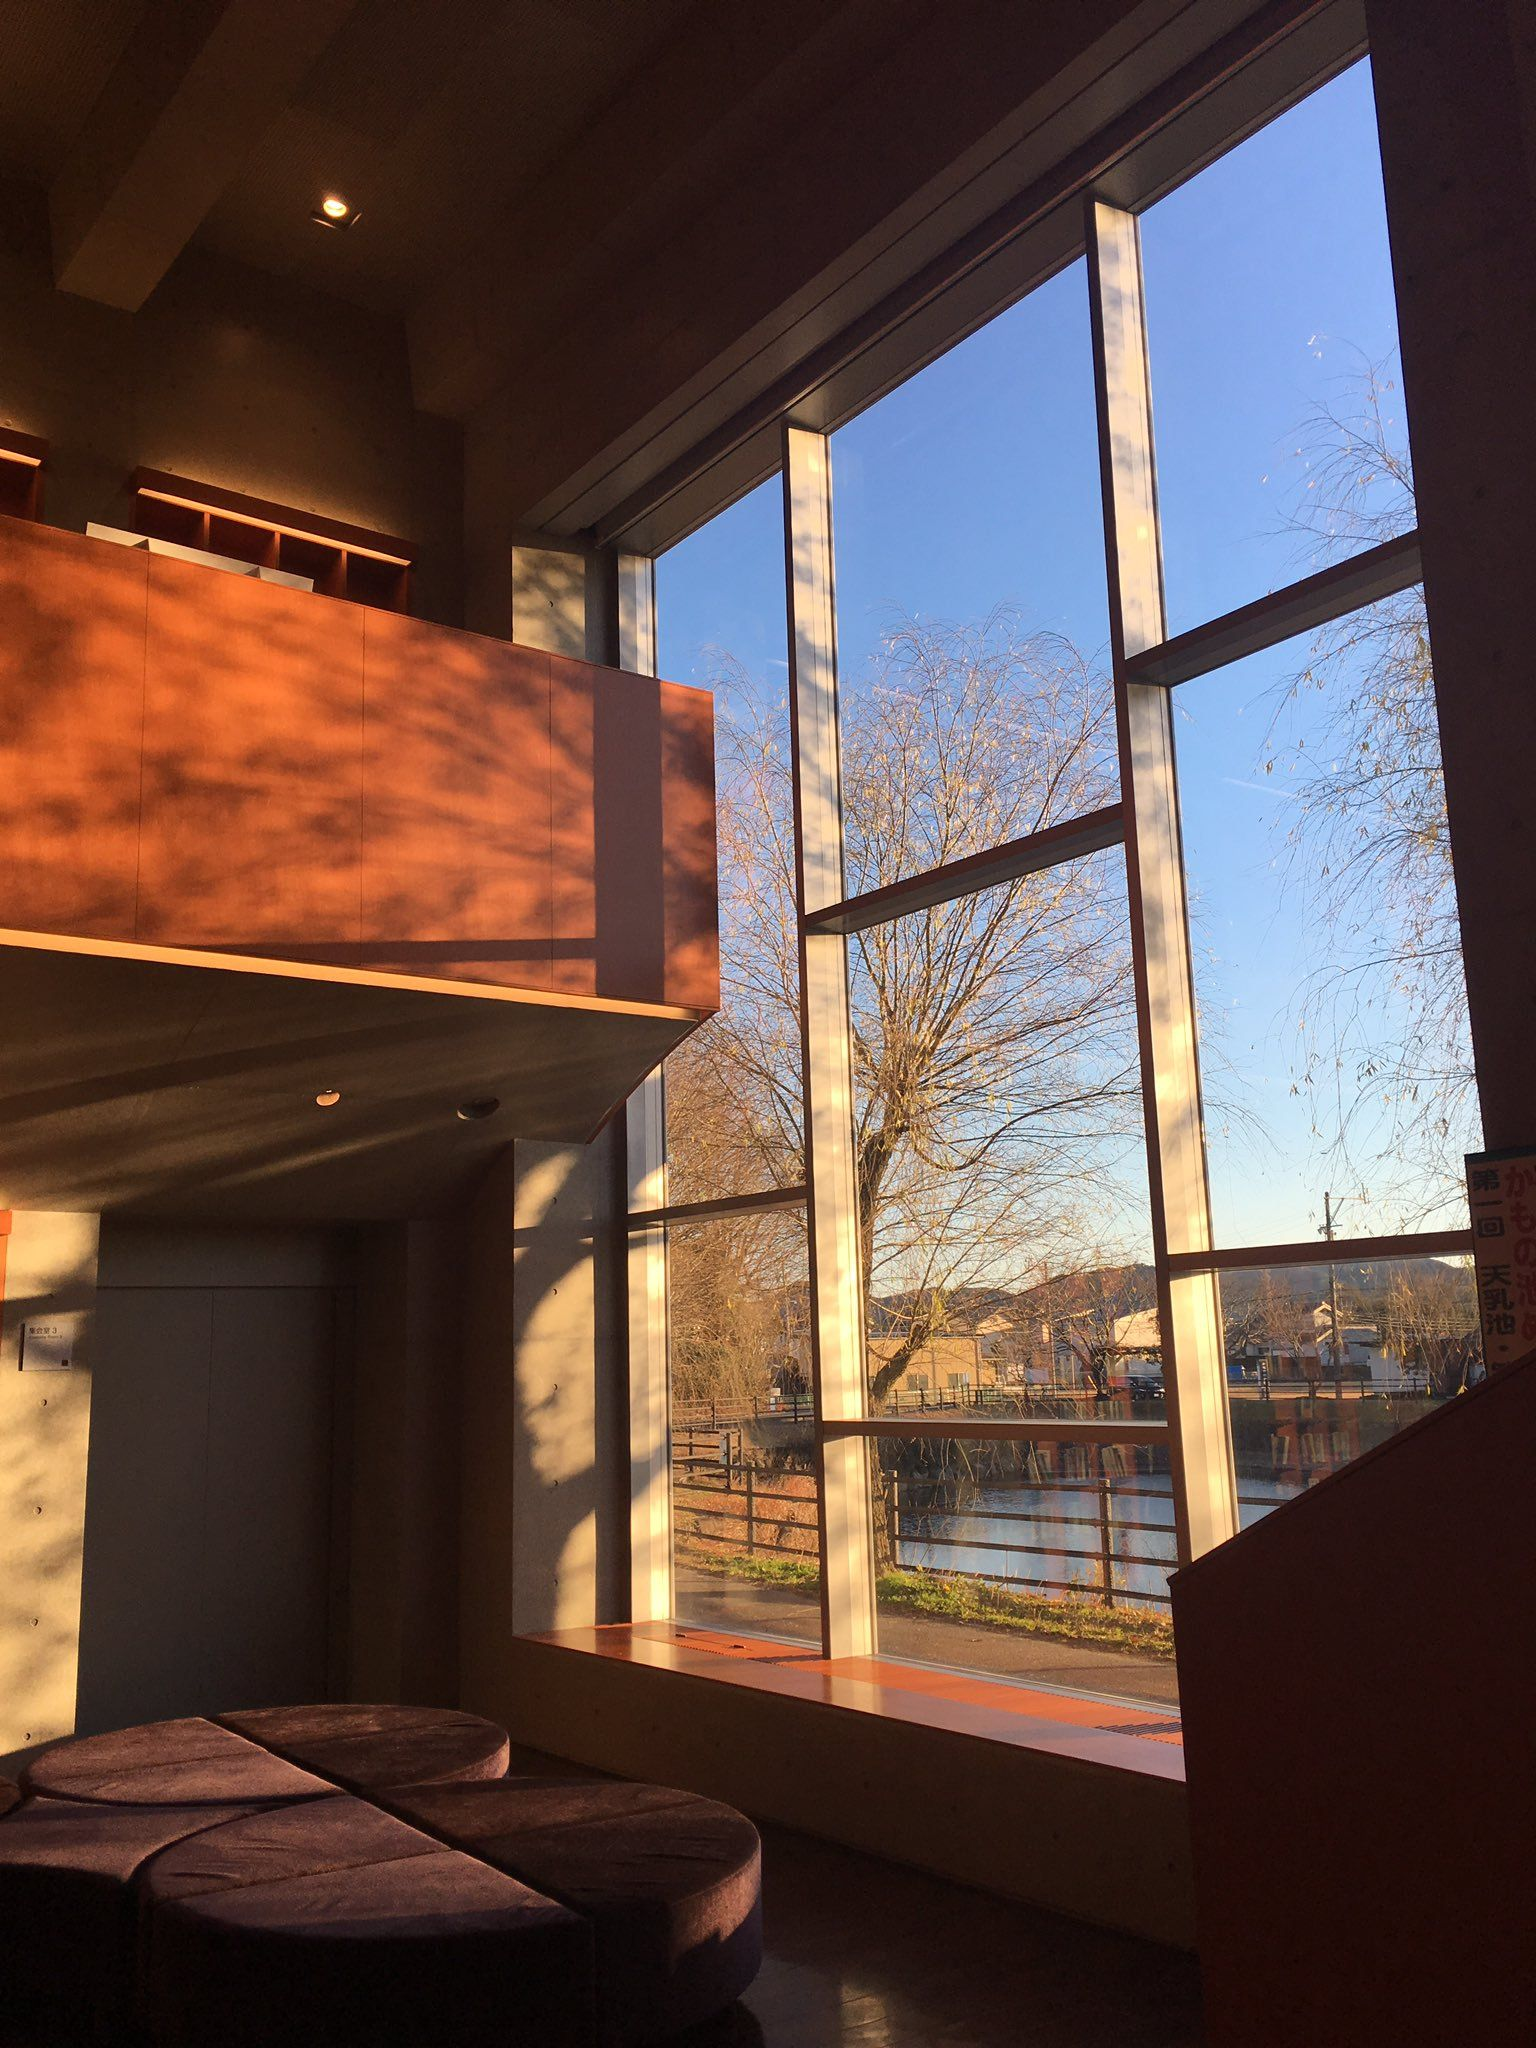 """""""RCフレームと木内装の取り合わせはエクセター図書館を彷彿させる。1,2Fとも天井と壁はRC打ち放し。1F天井は美しい曲面、2Fは骨太な梁。"""""""